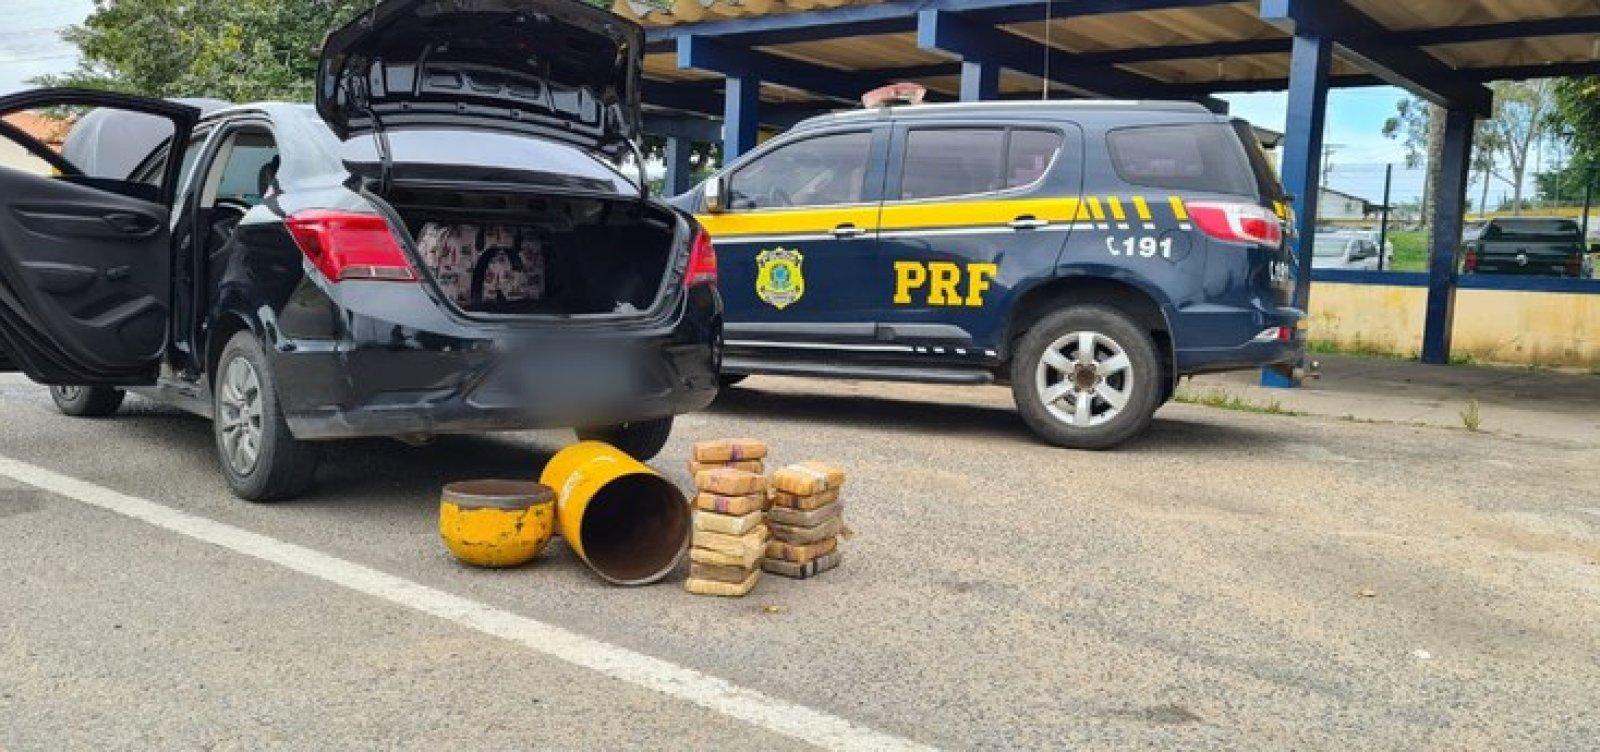 Homem esconde droga em cilindro de gás e é preso em operação da Polícia Rodoviária Federal